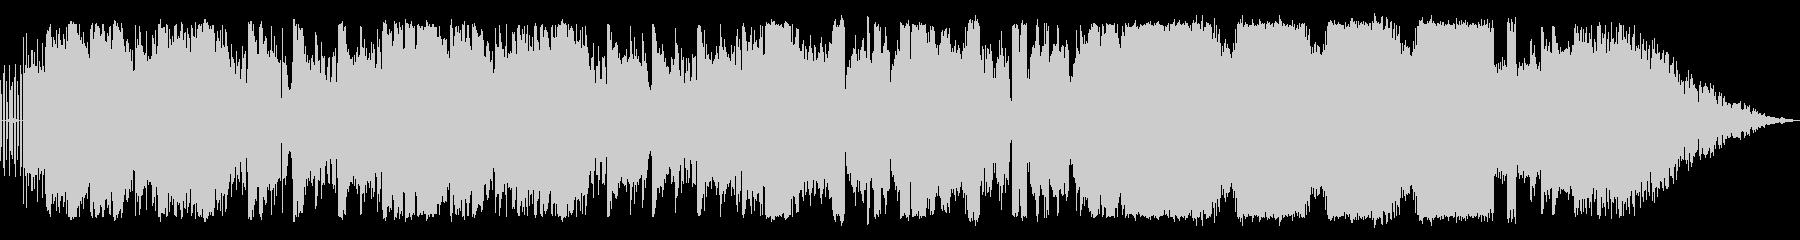 インパクトある音源です。ダブスッテプ・…の未再生の波形